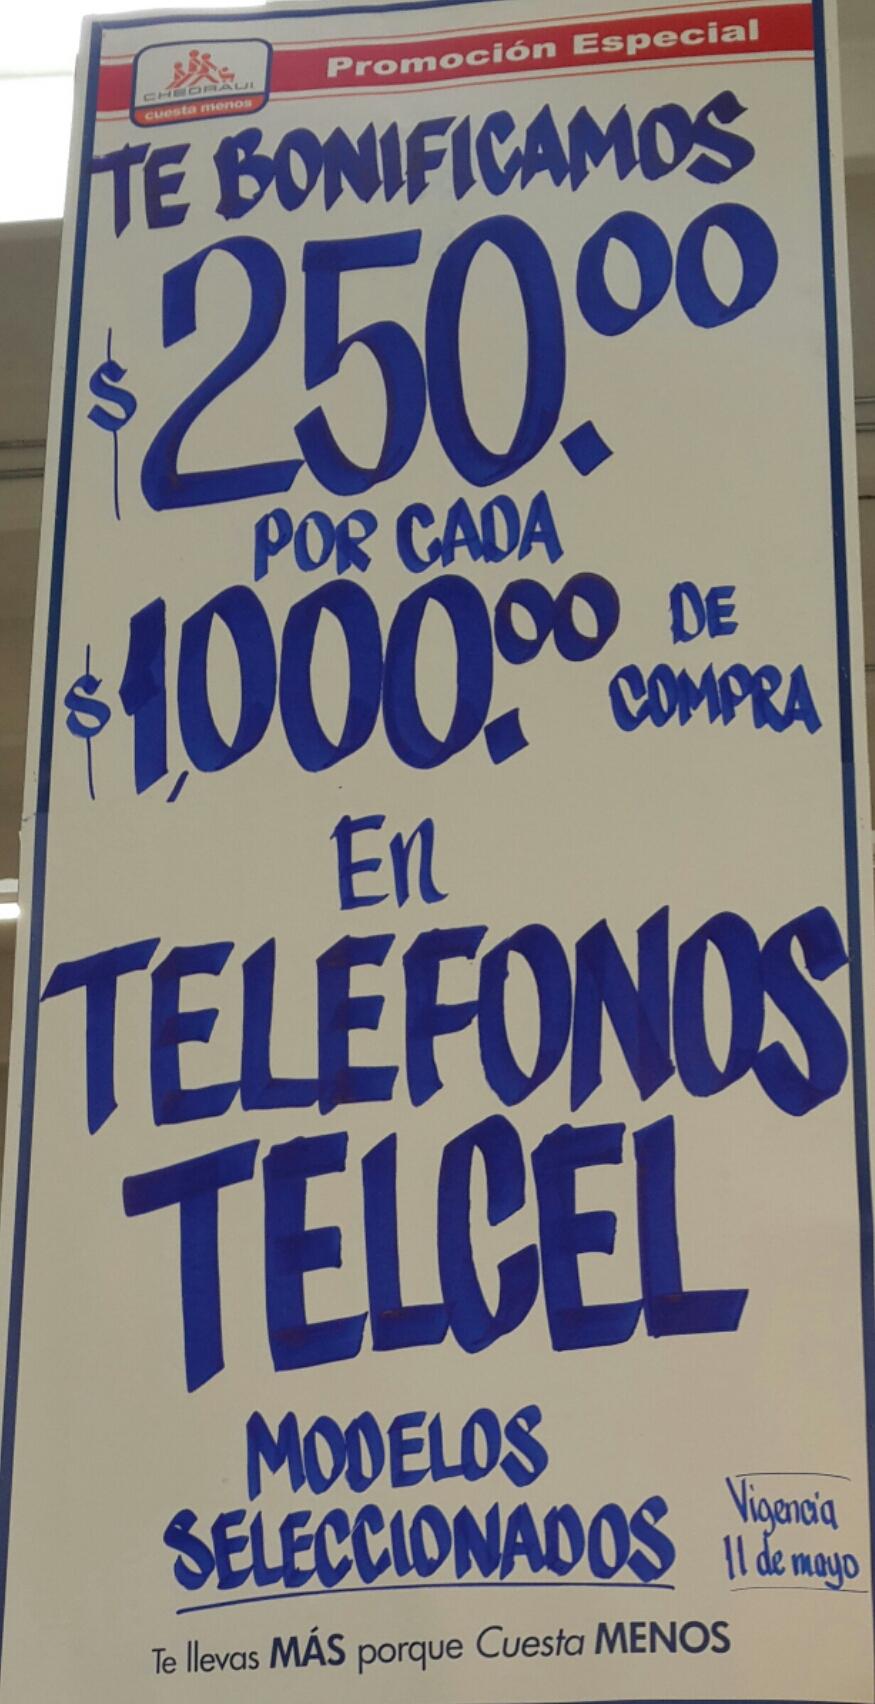 Chedraui: $250 bonificación por cada $1,000 en celulares Telcel (incluye iPhone)